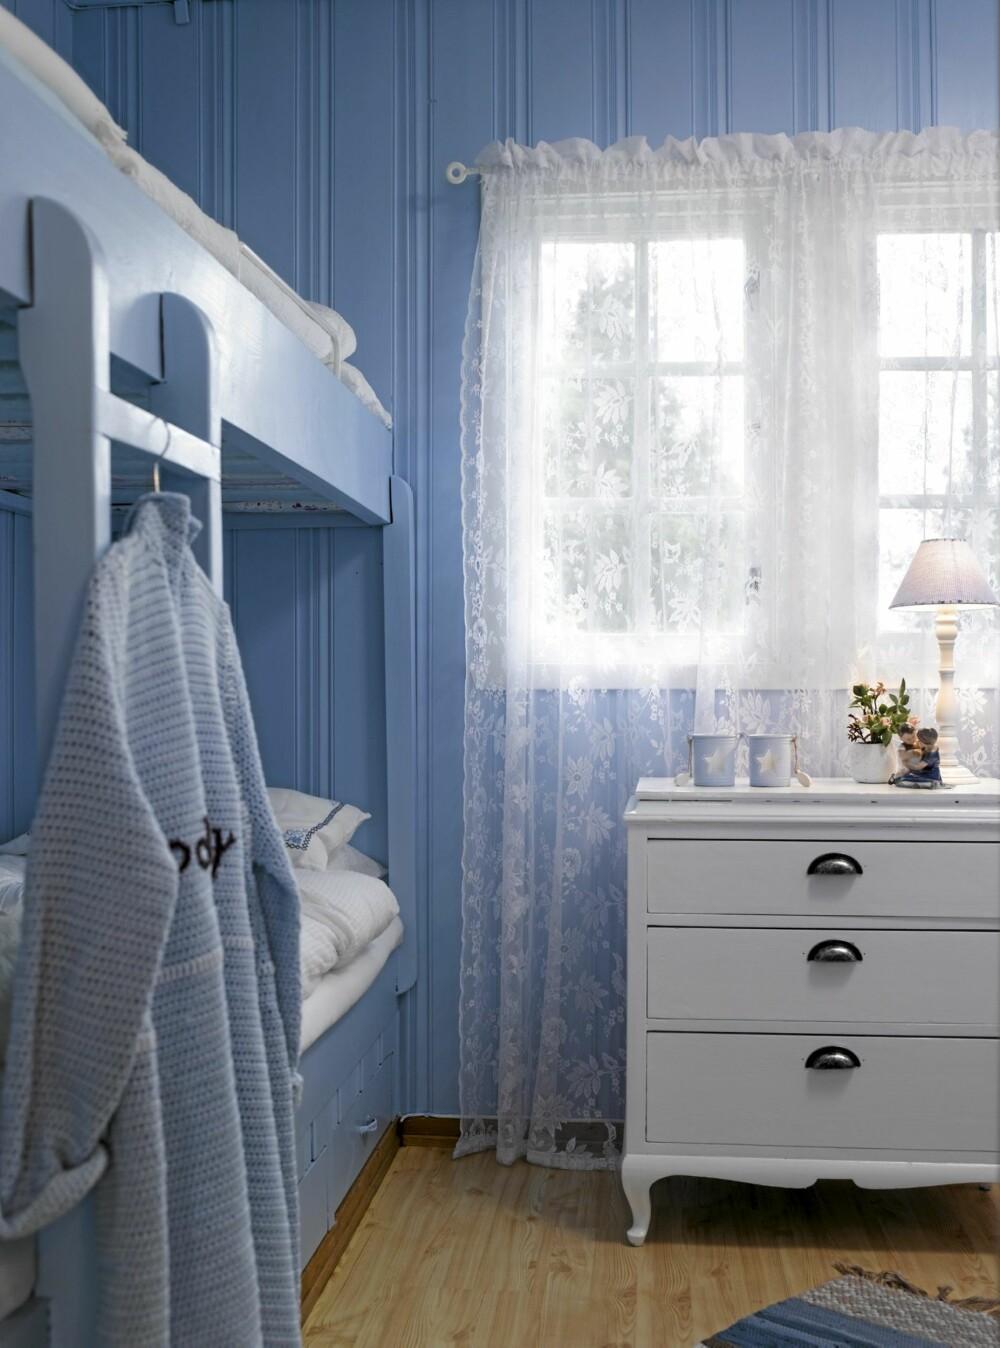 TIL GJESTER: Gjesteværelset er malt i en delikat, babyblå farge, og her er ingenting tilfeldig. Torild liker å fornye gamle møbler, og kommoden har hun selv malt hvit. Den lyseblå jakken harmonerer med resten av interiøret.